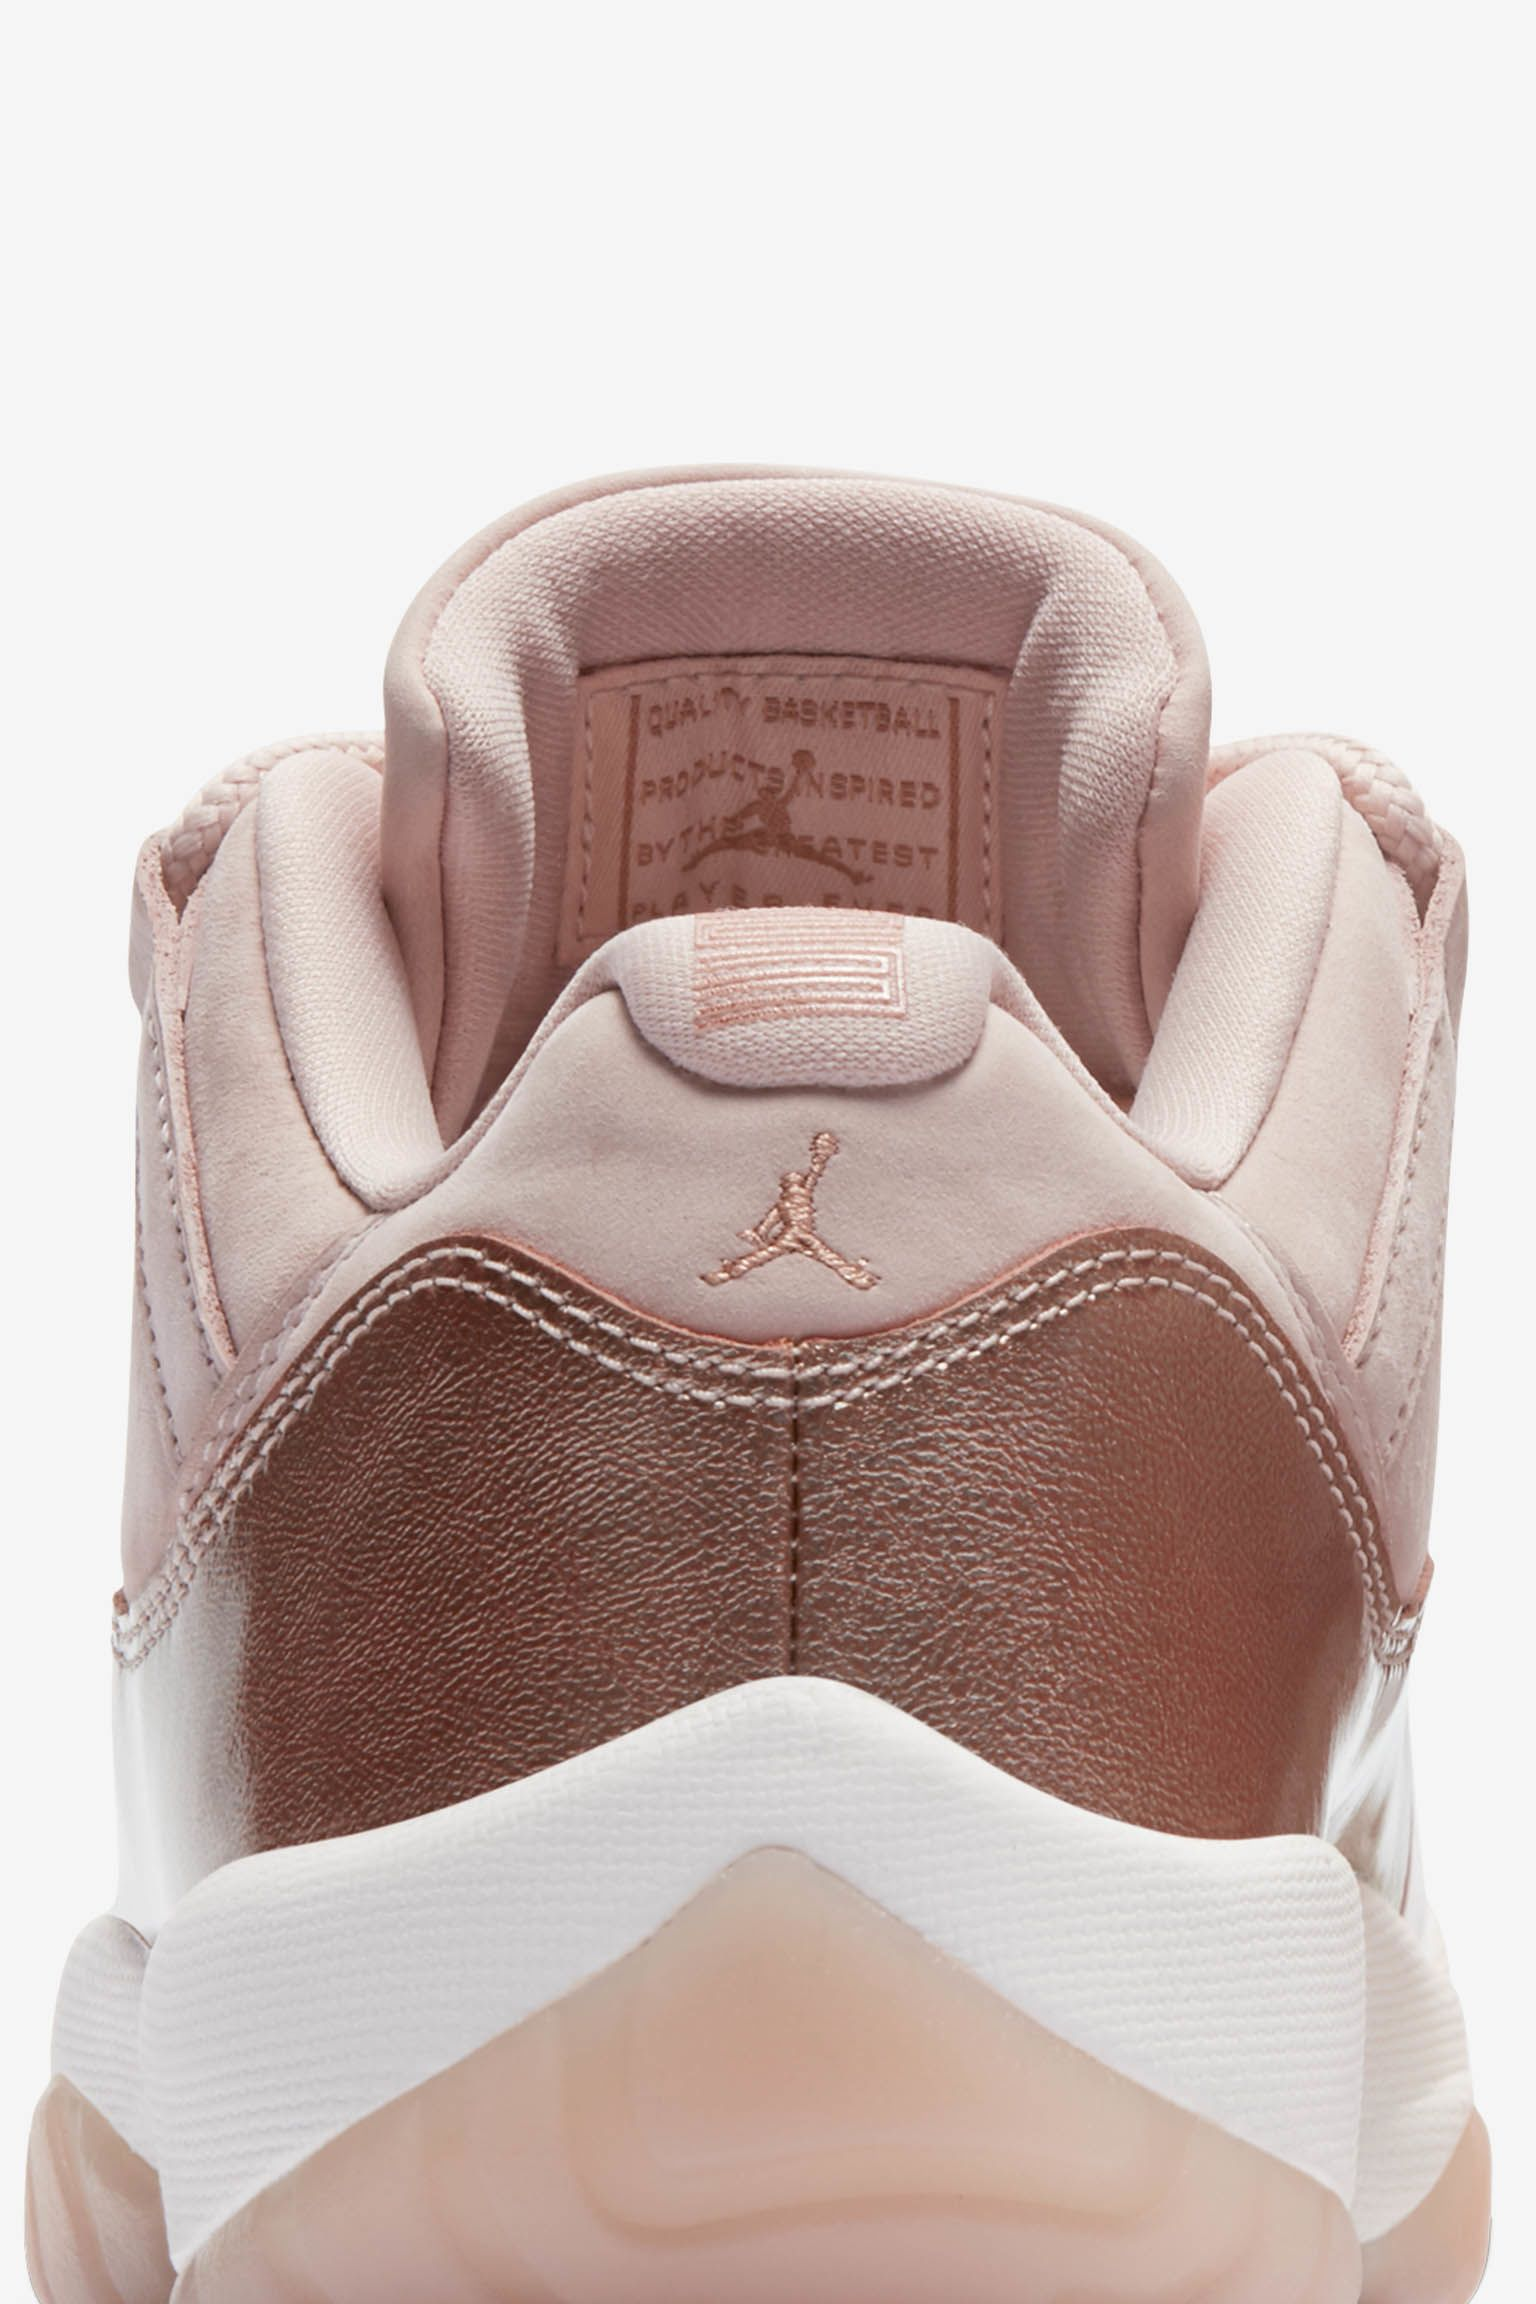 Air Jordan 11 Retro Low